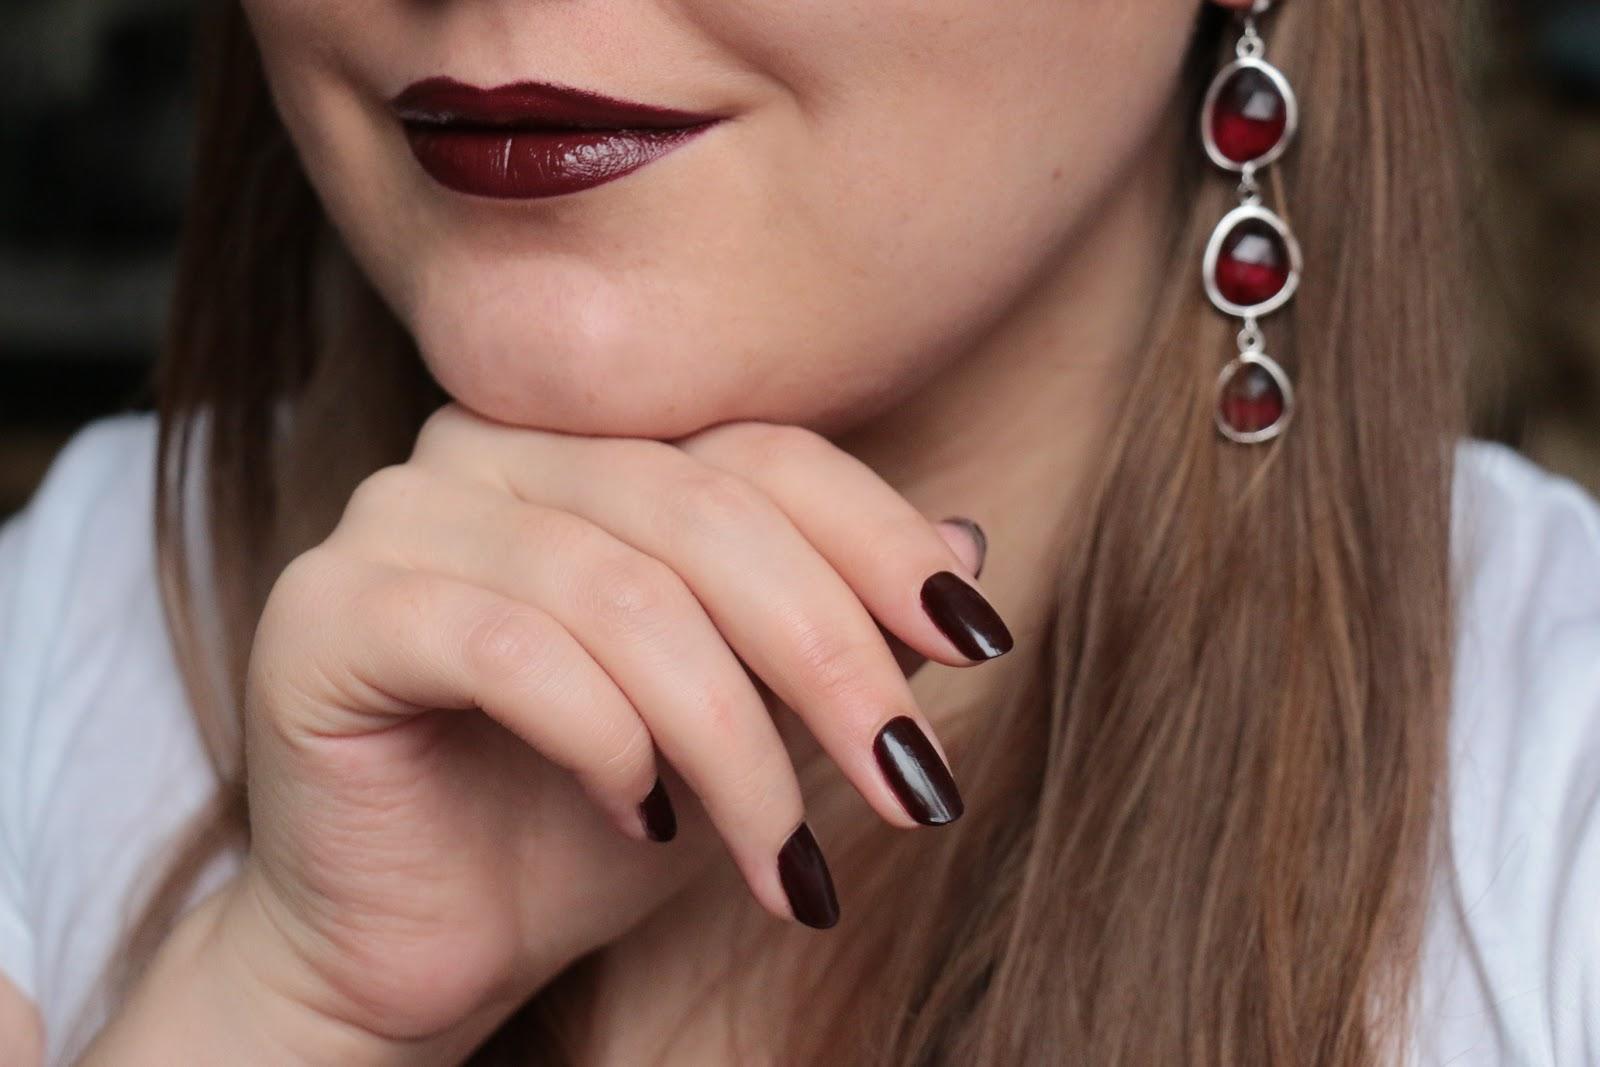 Как рисовать губы на ногтях: инструкция и фото 17